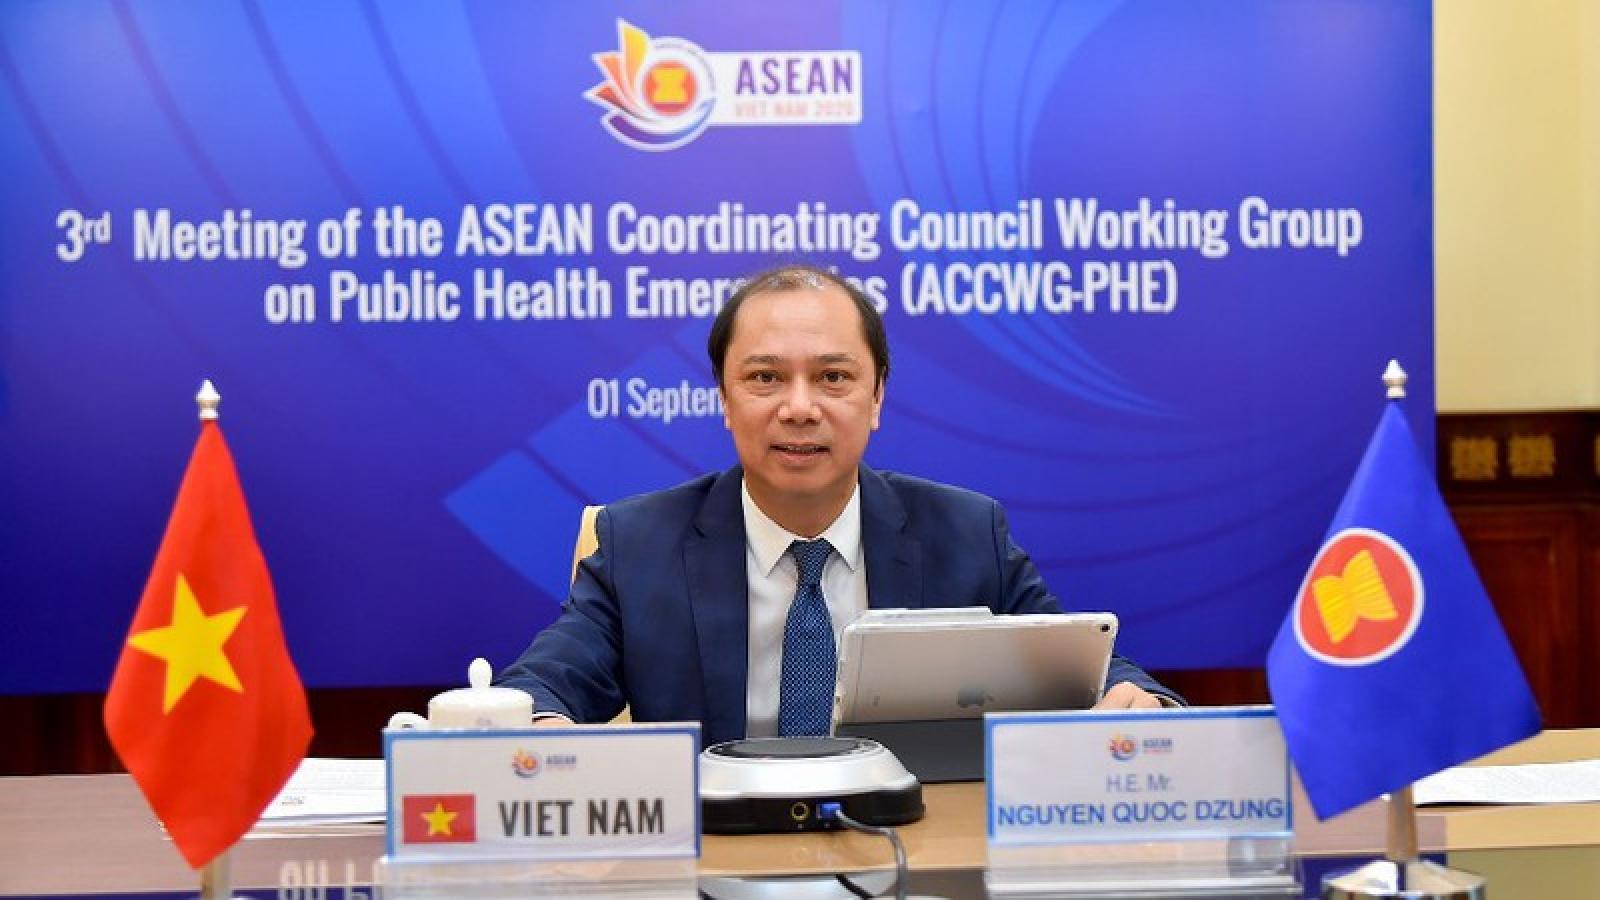 Con đường hướng tới phục hồi và hy vọng cho ASEAN